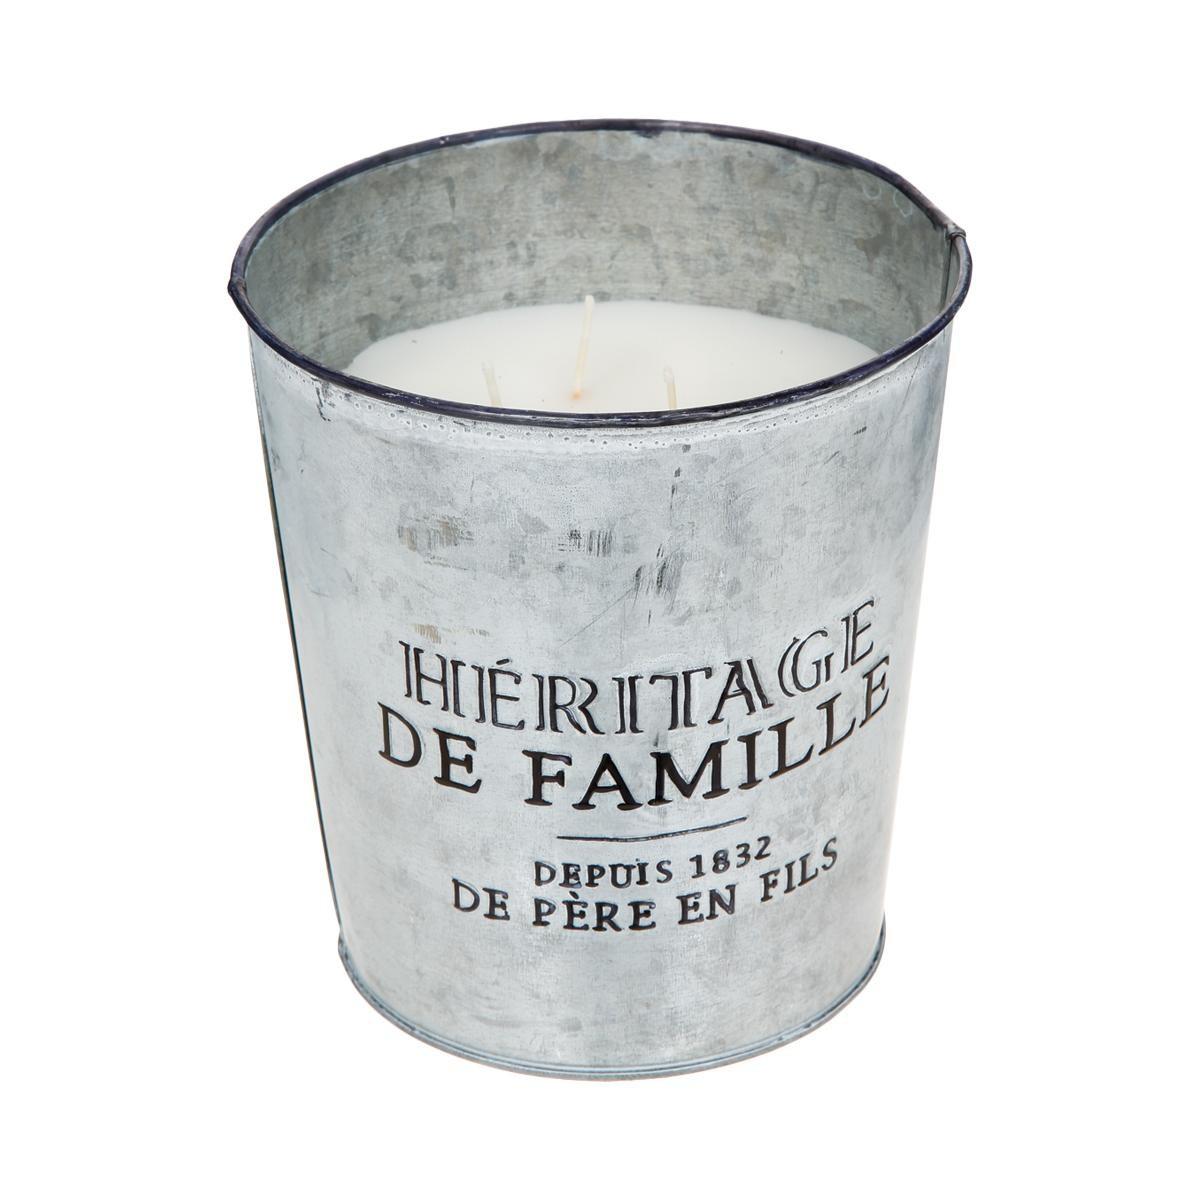 Ароматическая свеча CITRON HERITAGE, 600 г свеча ароматизированная arome enjoy 136582a